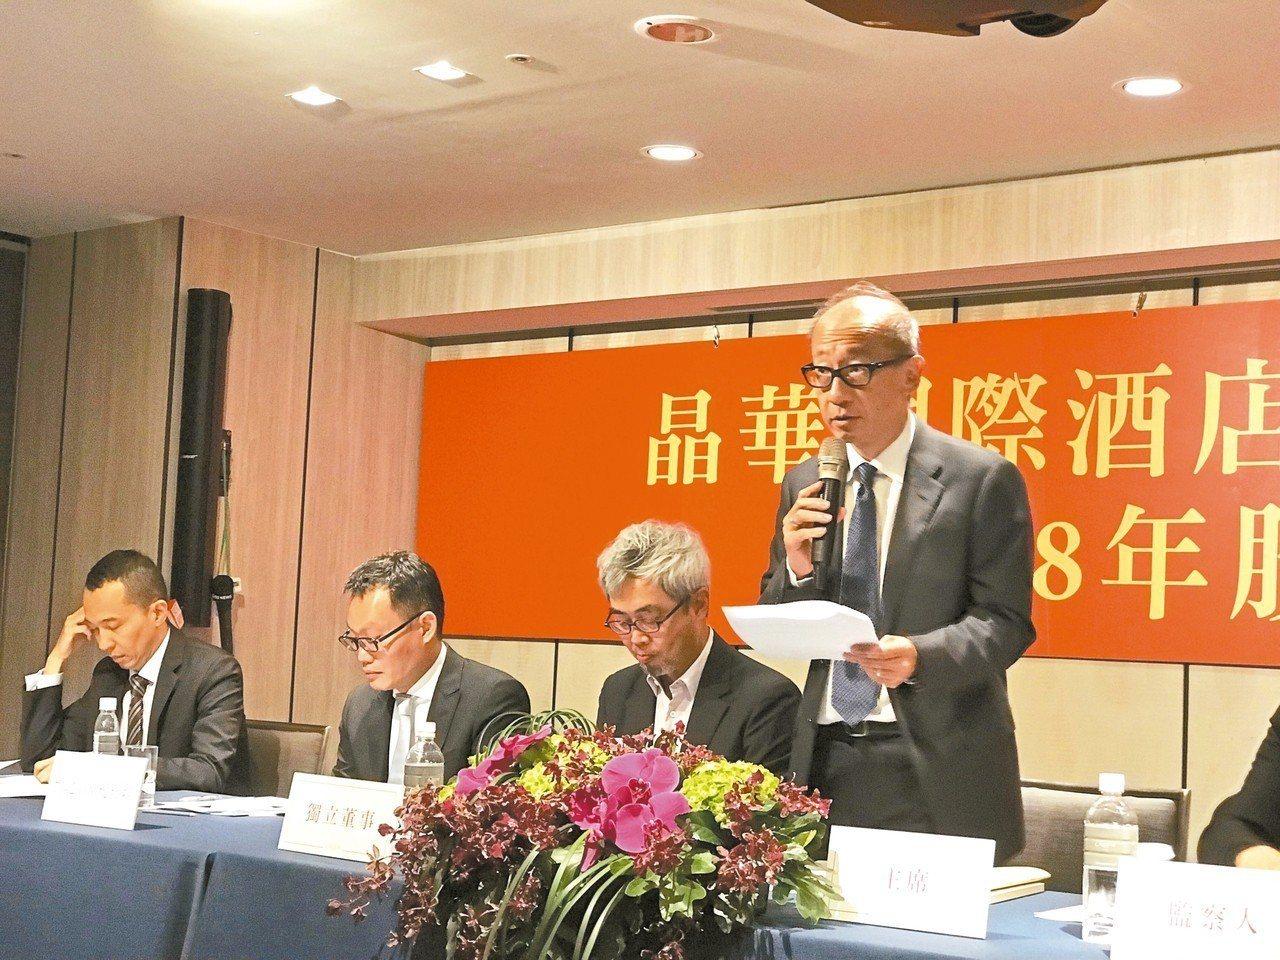 晶華今日舉辦股東會,由董事長潘思亮(右一)主持。 記者嚴雅芳/攝影